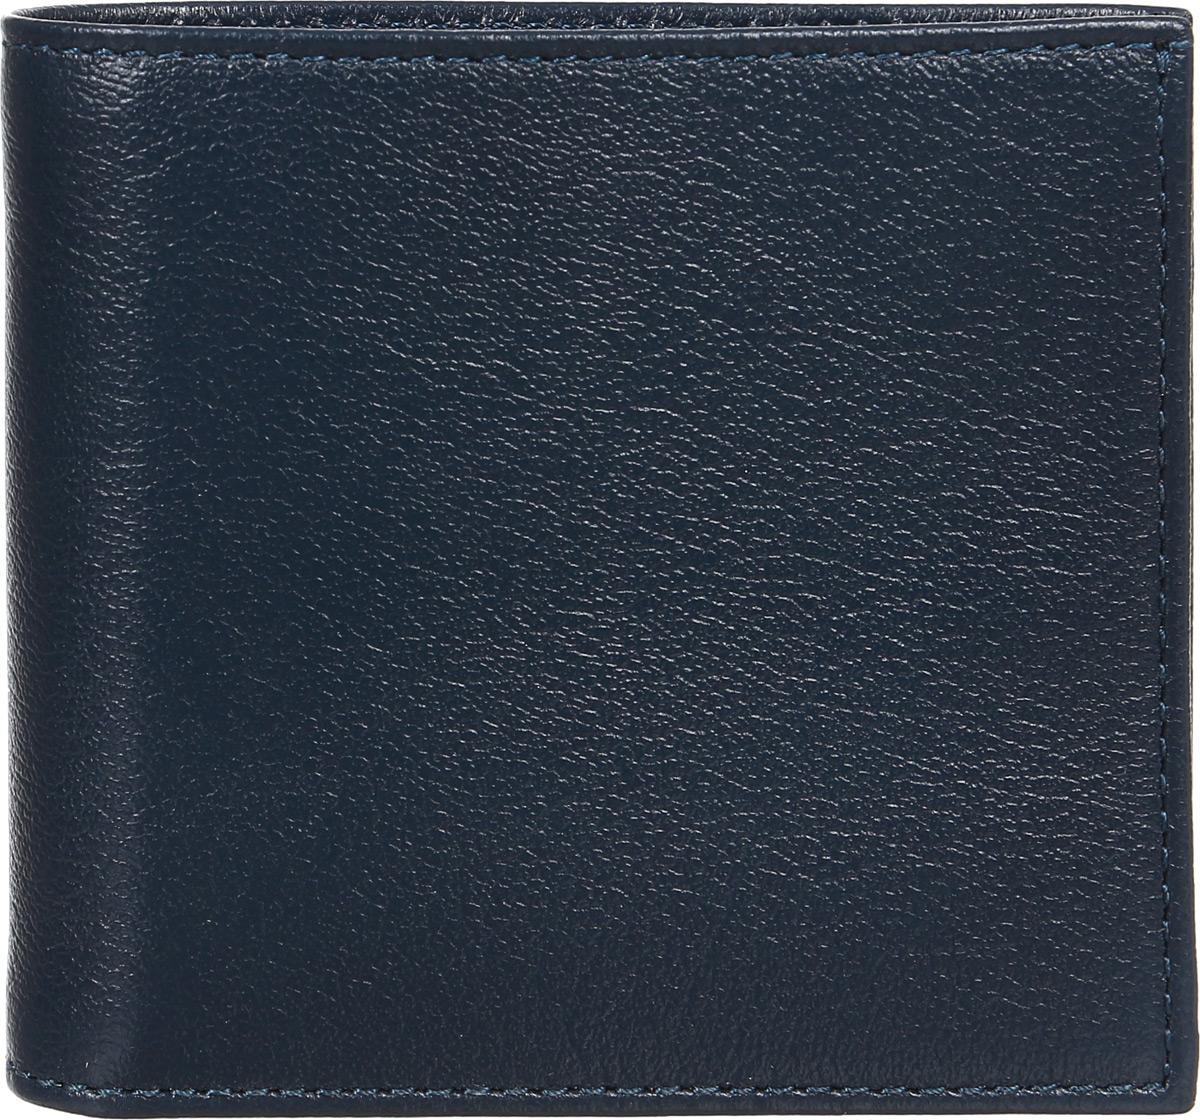 Портмоне мужское Befler Грейд, цвет: темно-синий. PM.22.-91-022_516Портмоне Befler Грейд выполнено из натуральной кожи зернистой текстуры. Закрывается на кнопку. Внутри расположено 1 отделение для купюр, карман для кредитной карты, 2 скрытых кармана, карман для мелочи, закрывающийся на кнопку.